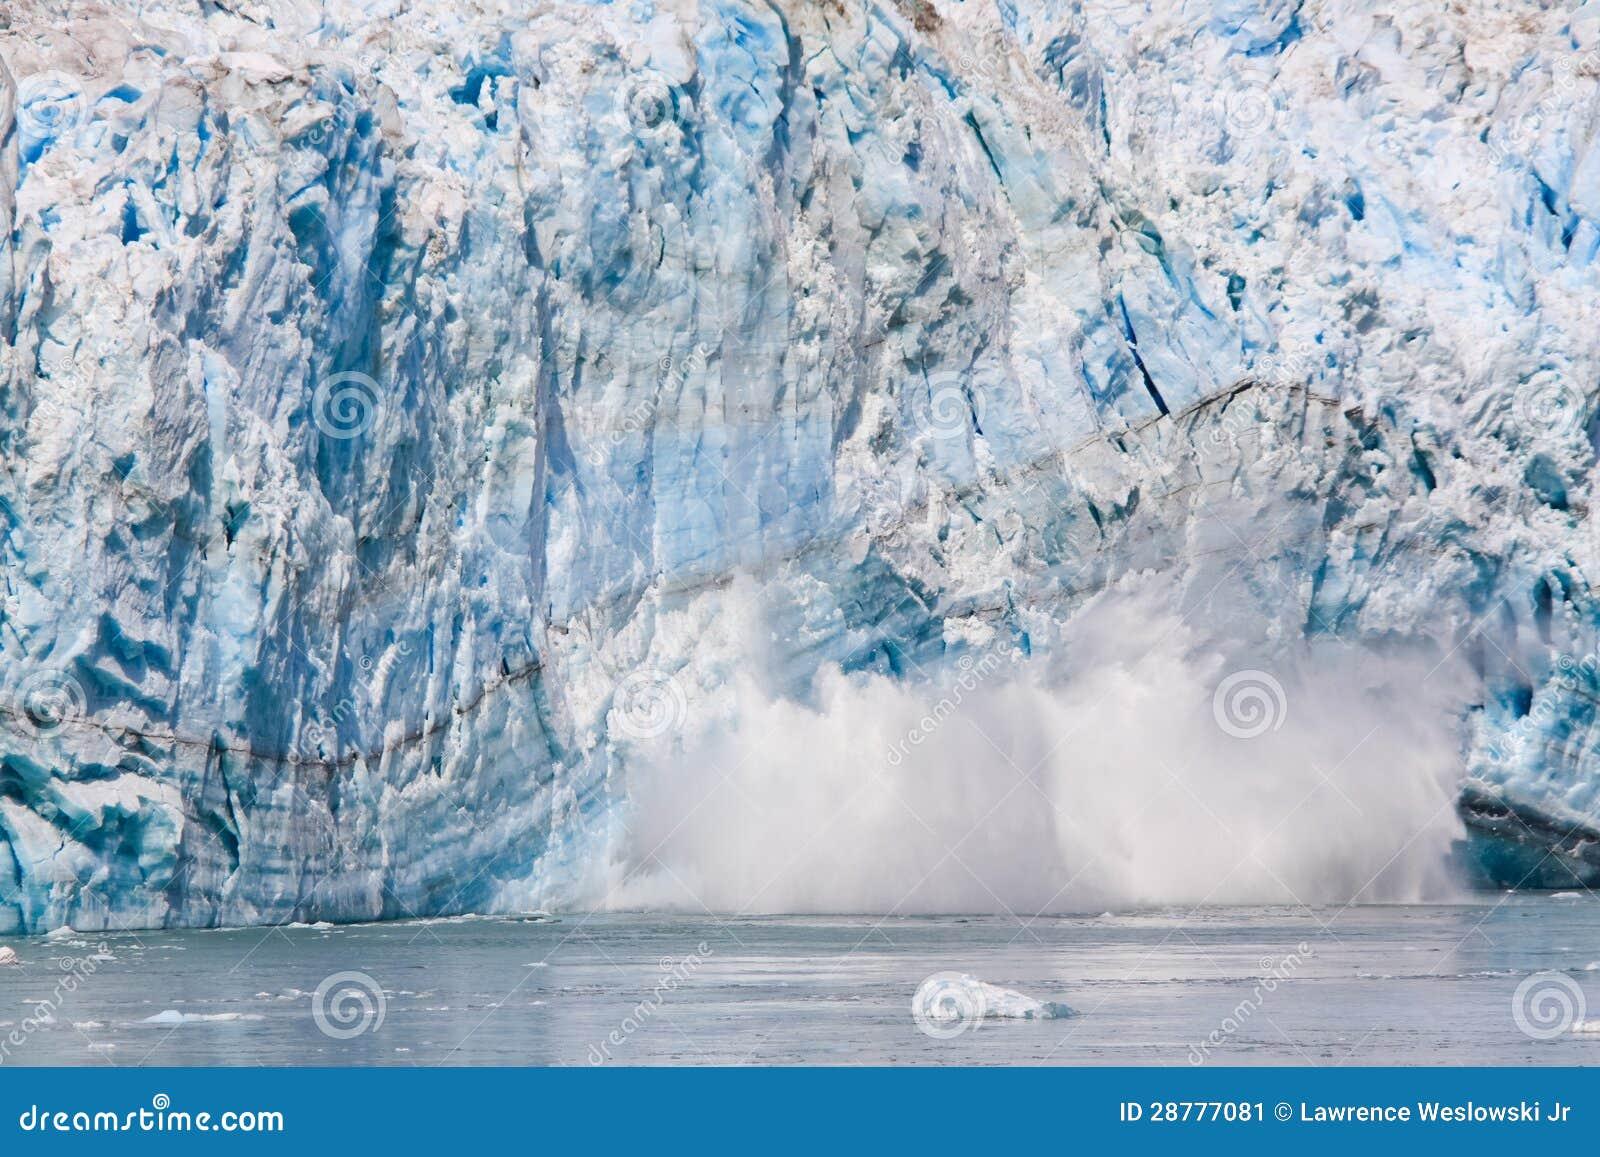 阿拉斯加太阳升产犊冰川冰